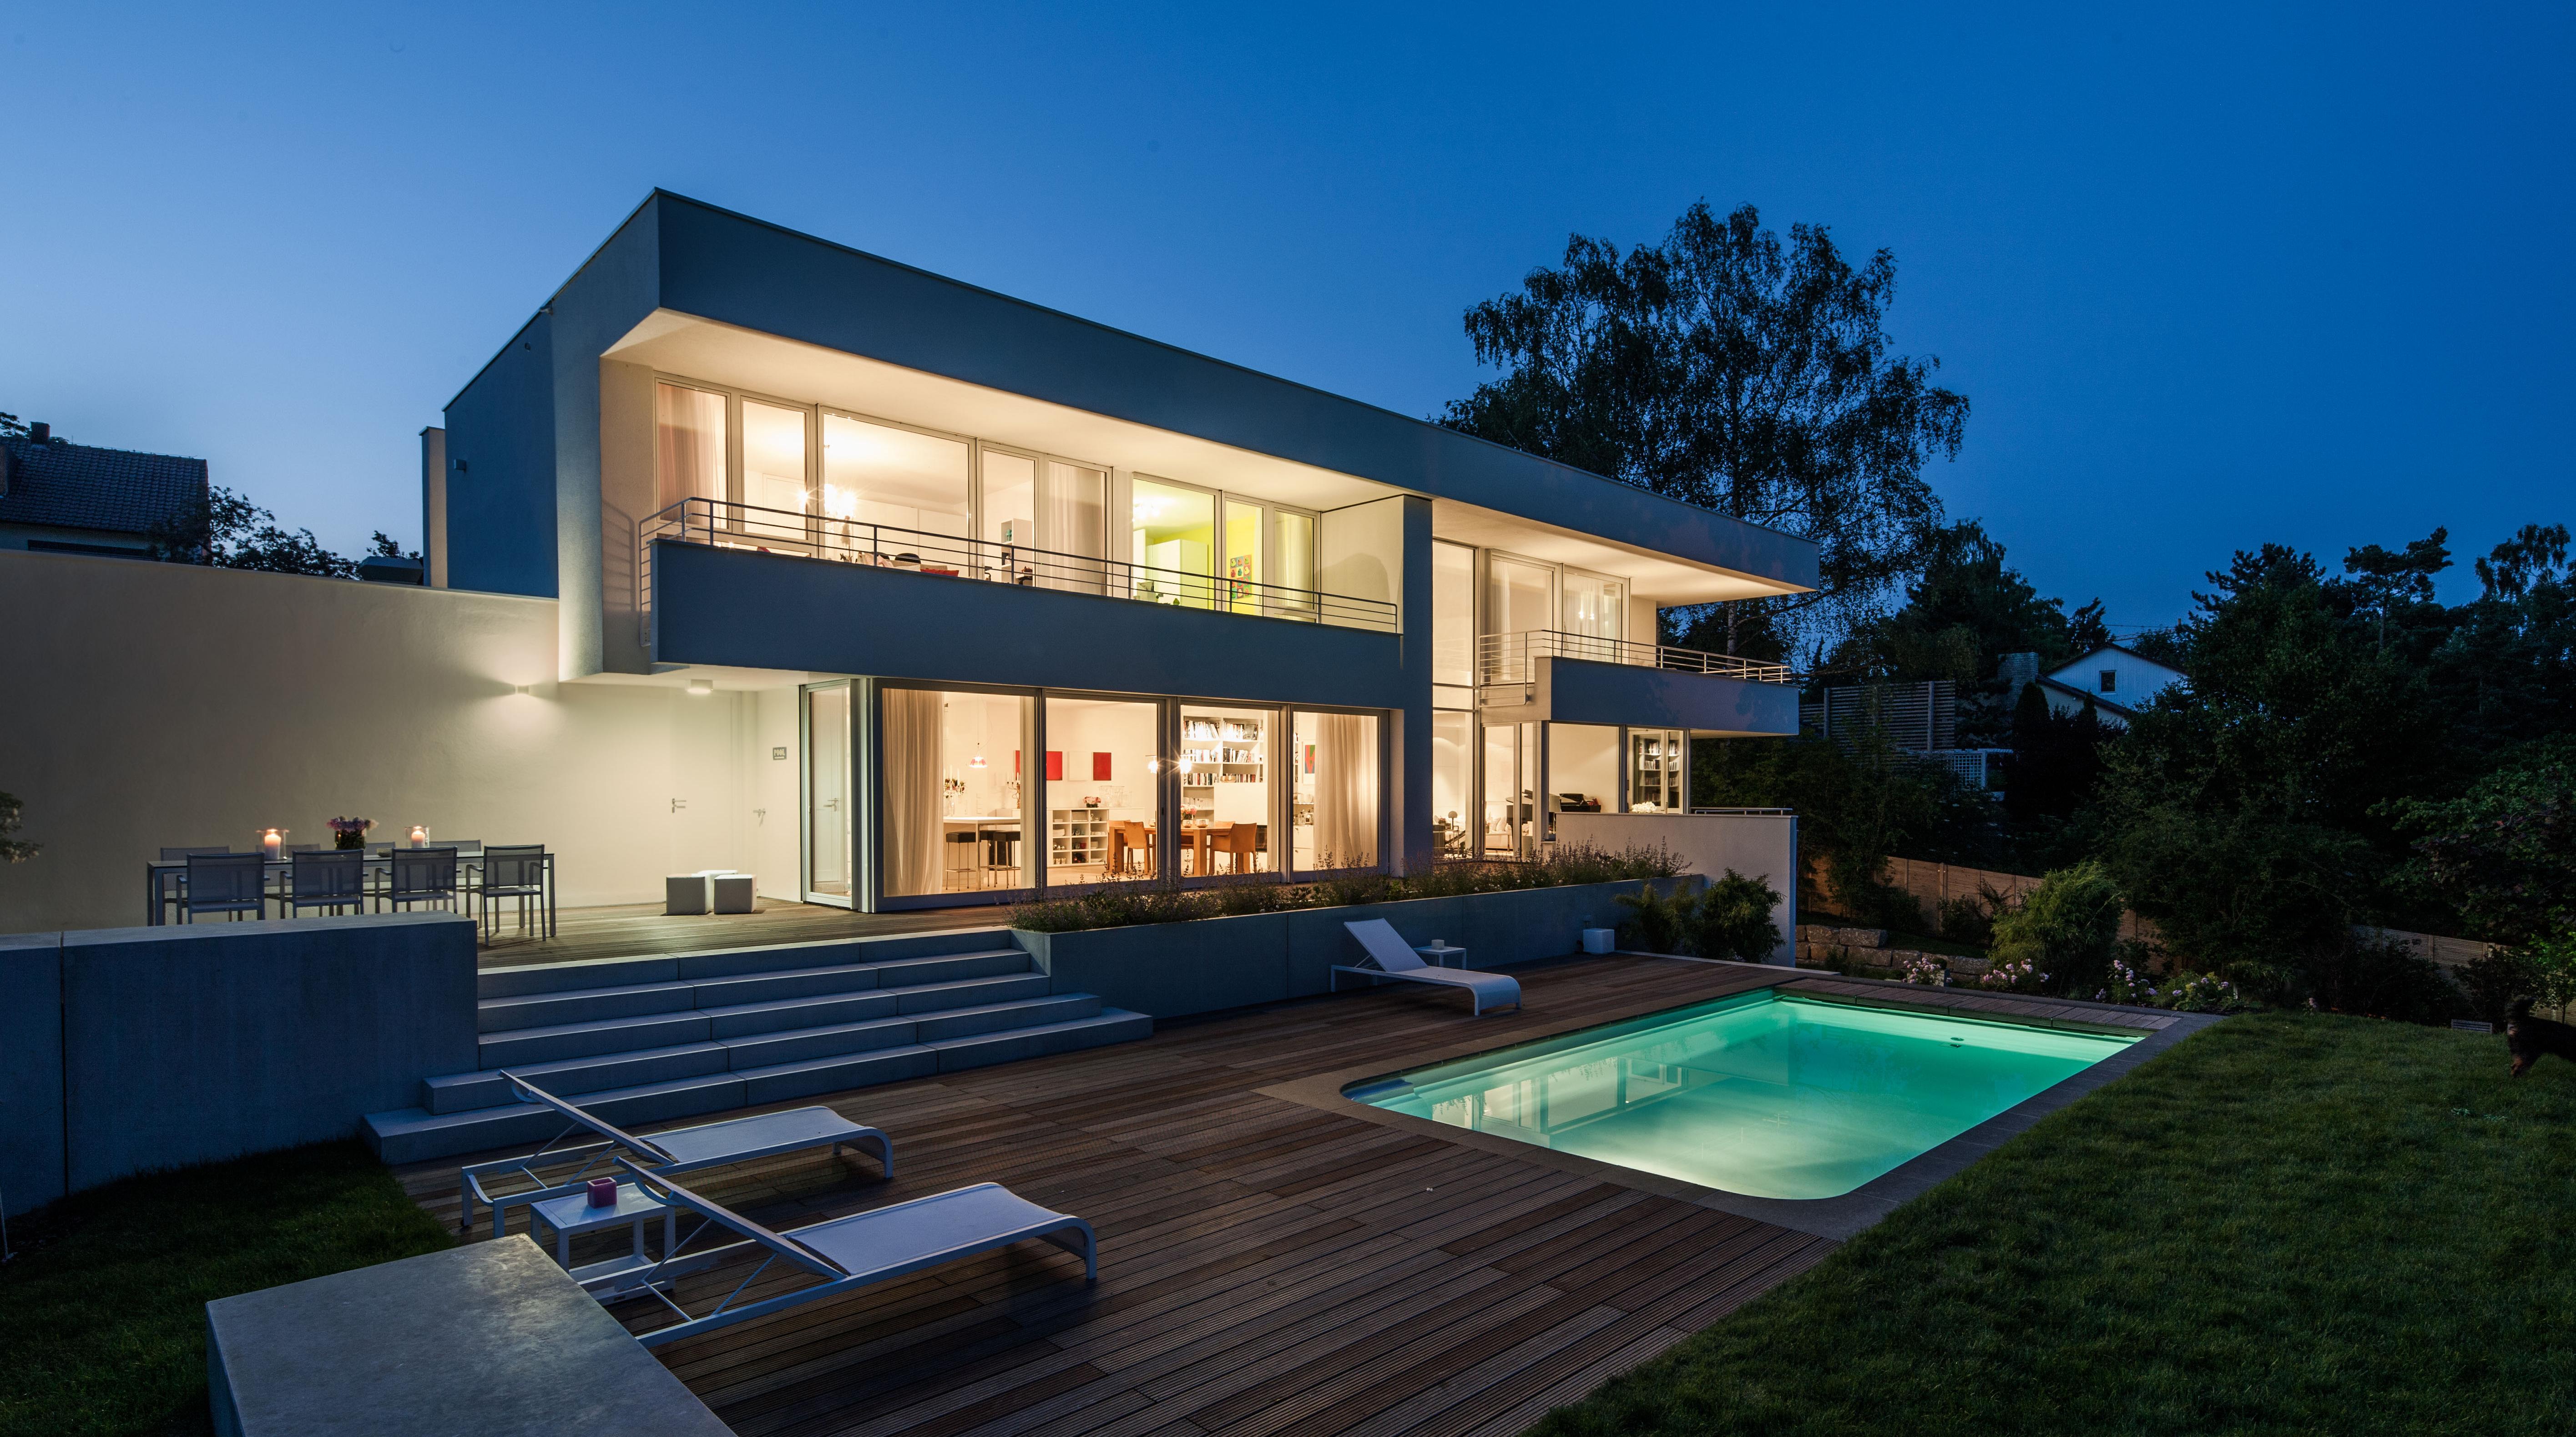 Haus jl architekten bda fuchs wacker for Gartengestaltung 20 qm